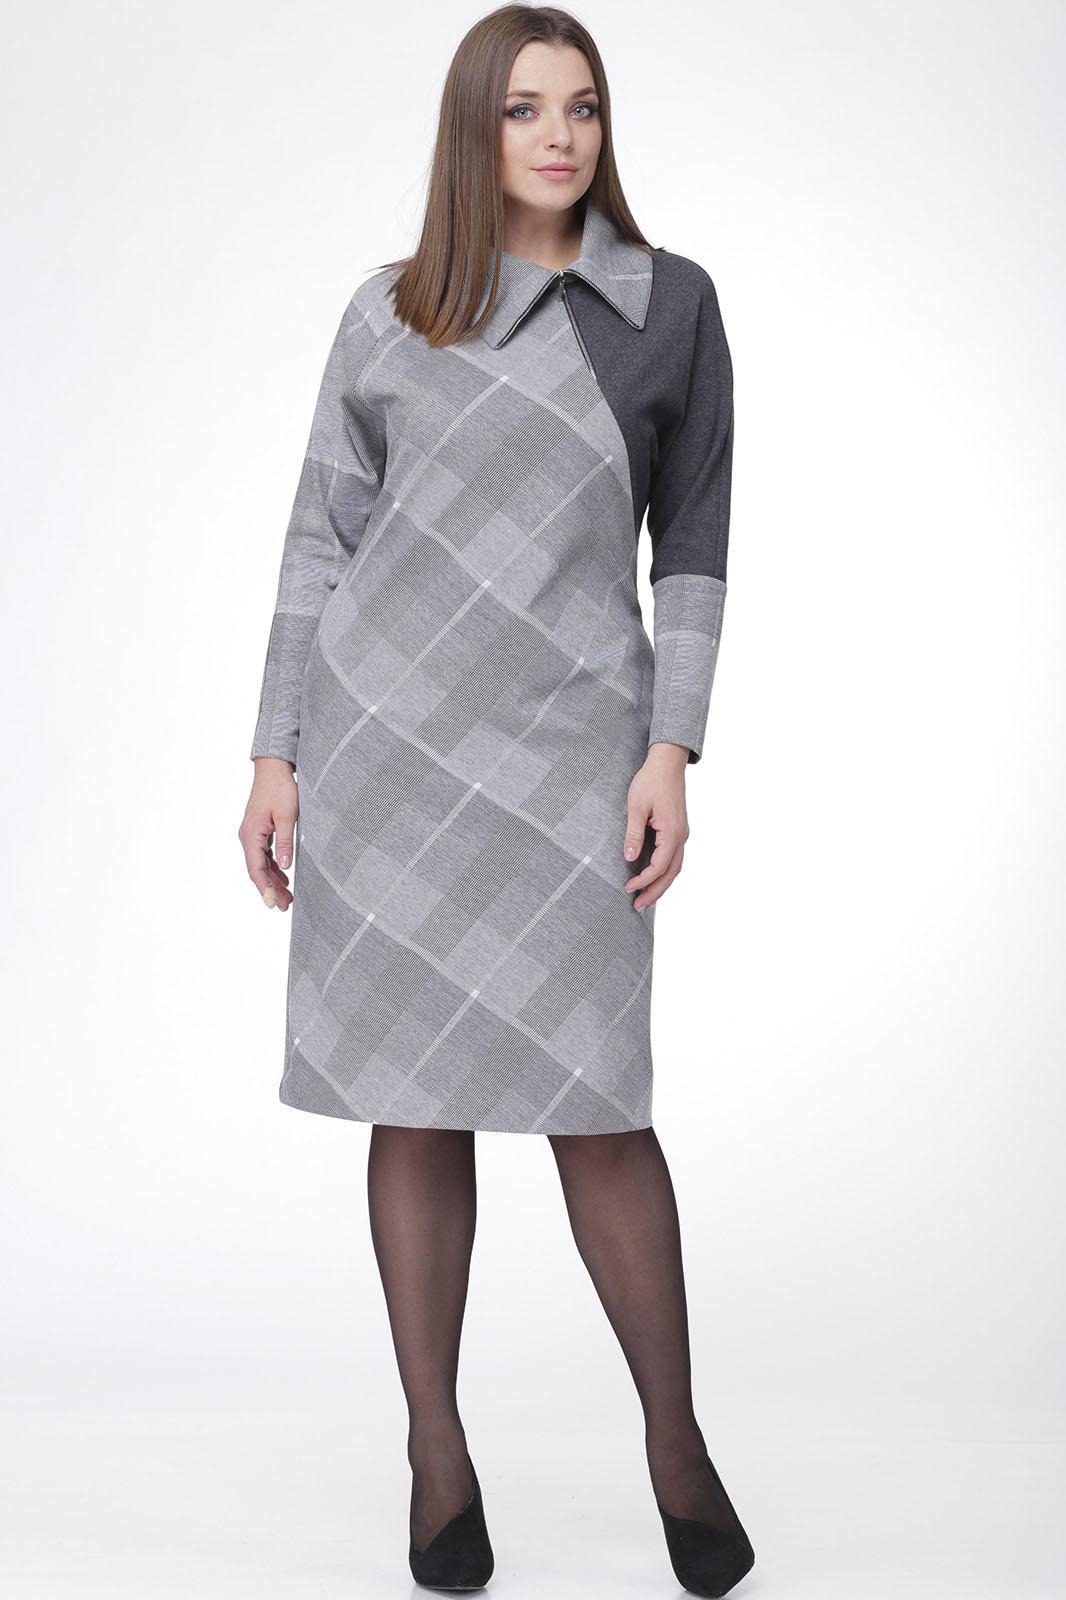 Купить Платье Mali, 455 серая клетка, Беларусь